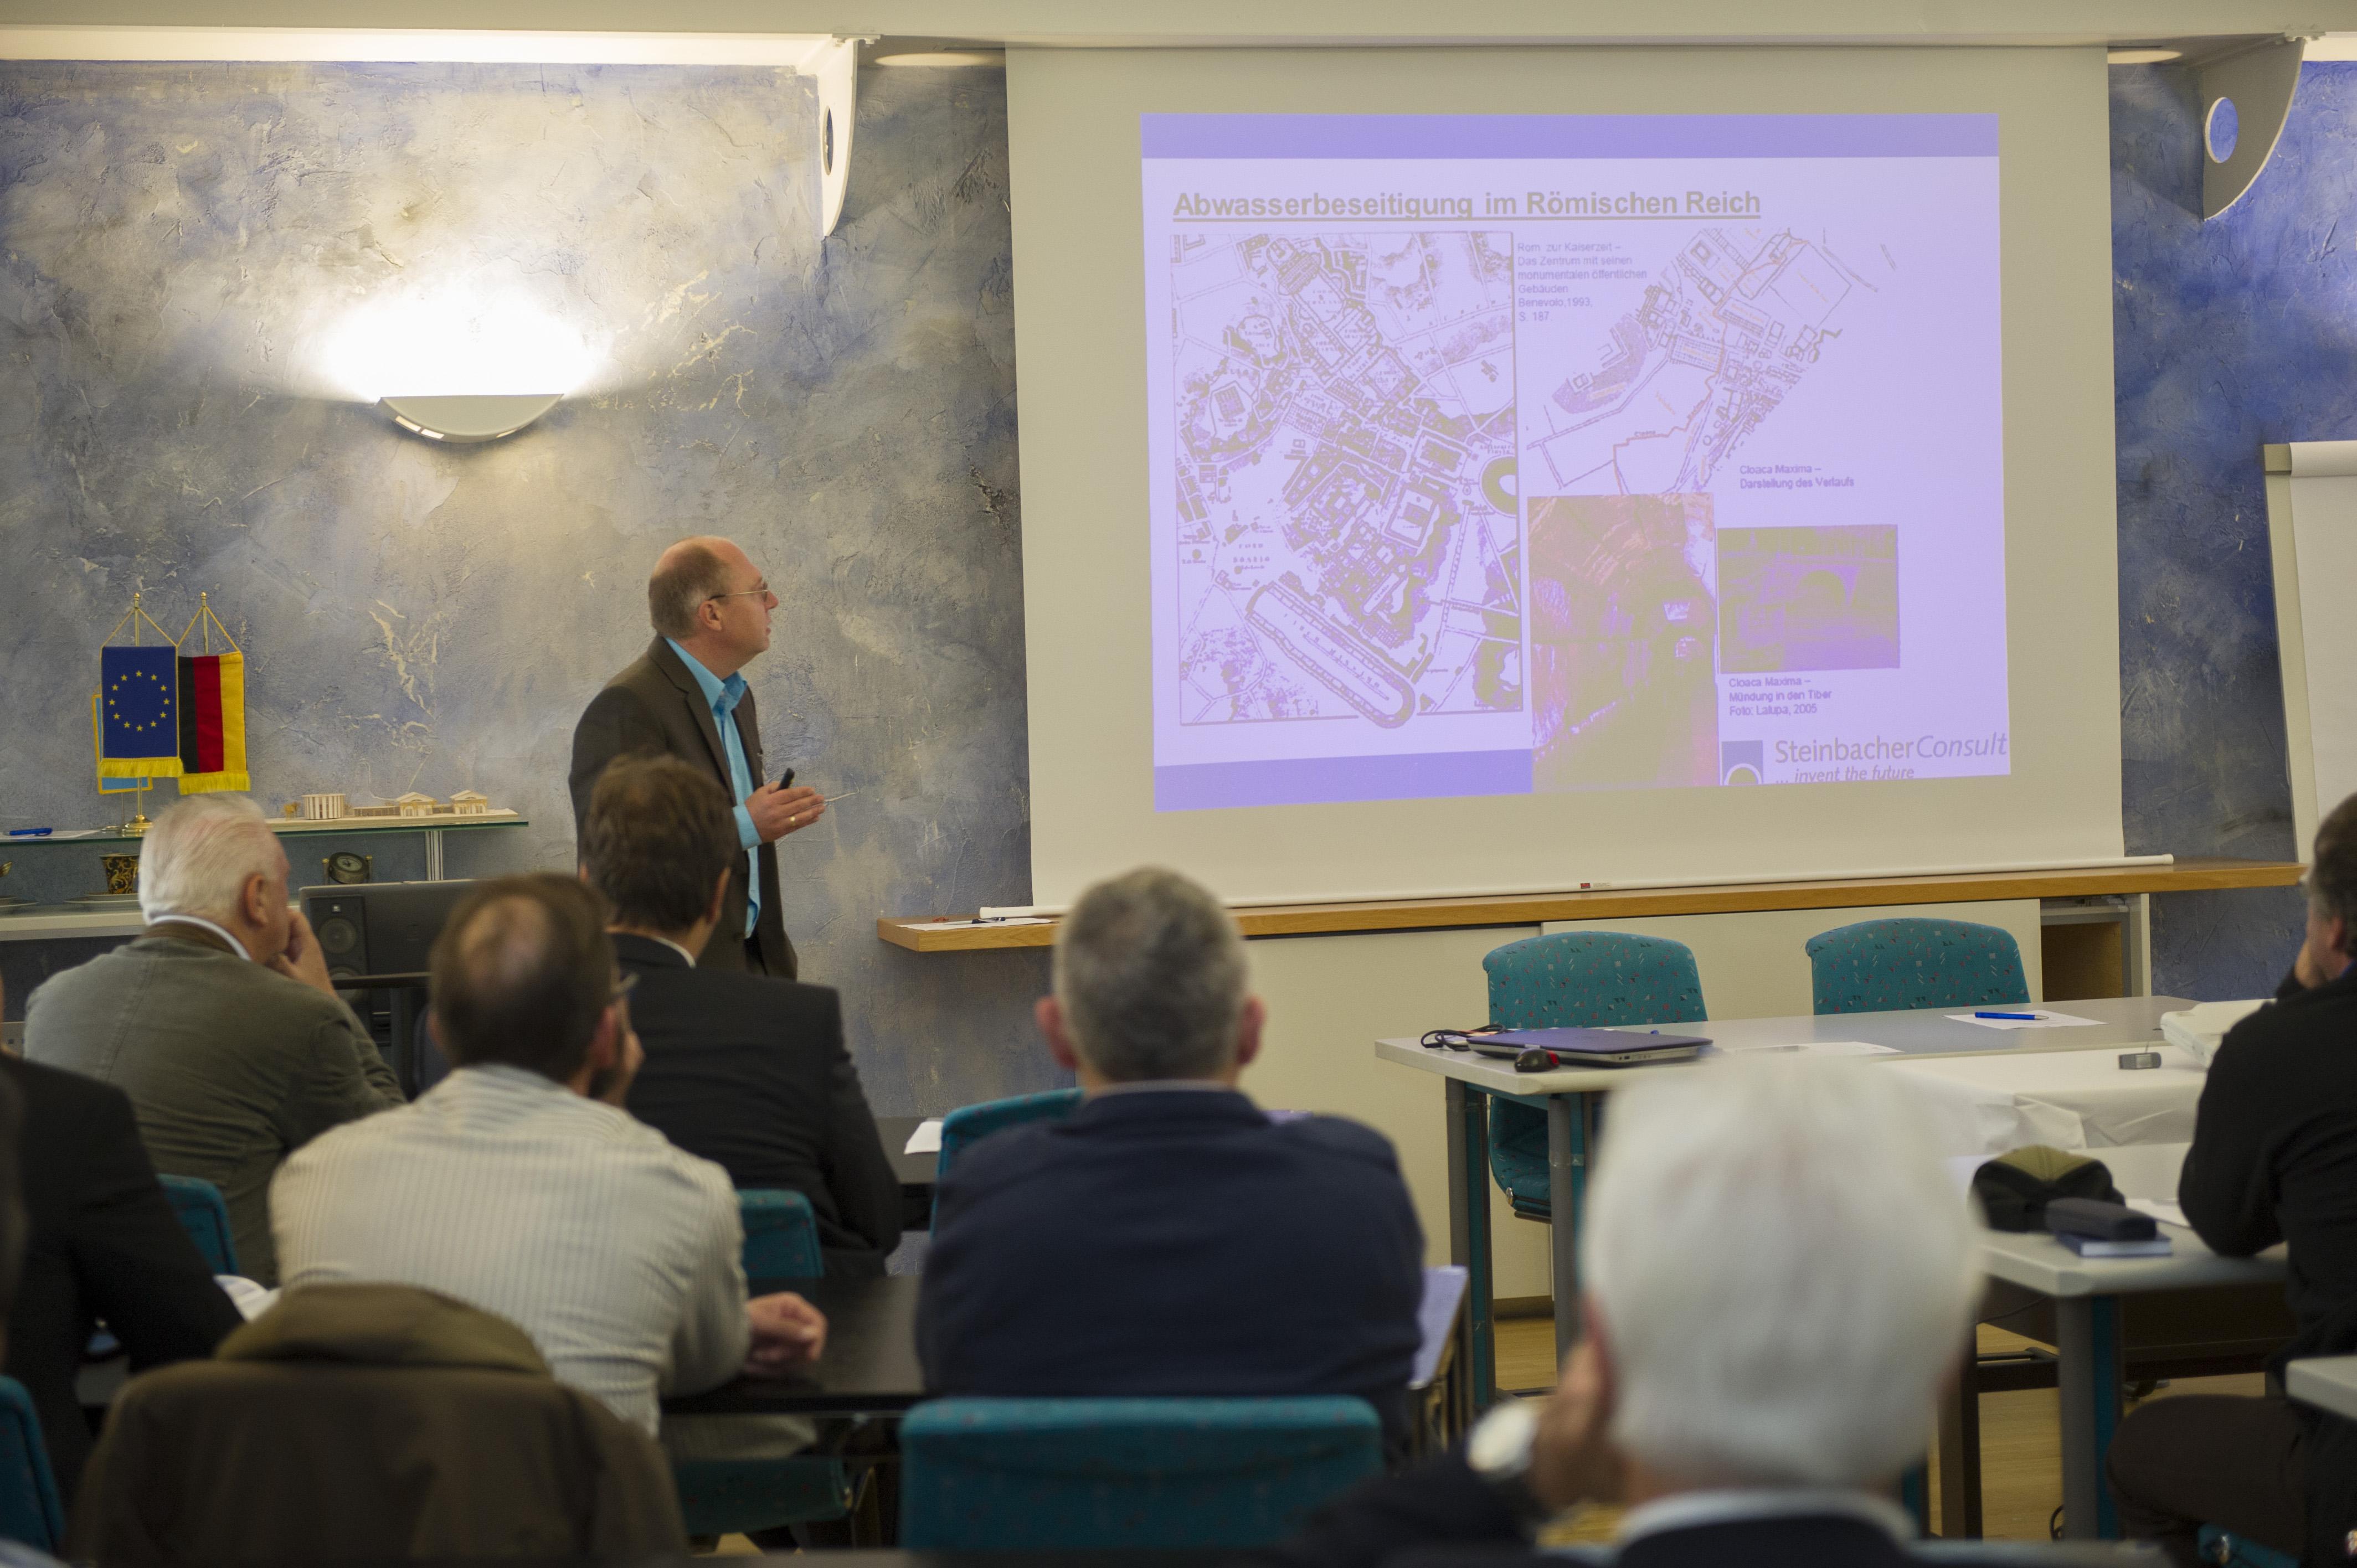 Seminar-Infrastrukturelles-Erhaltungsmanagement-Strassen-Ingenuerbauwerke-GIS-Steinbacher-Consult-Augsburg